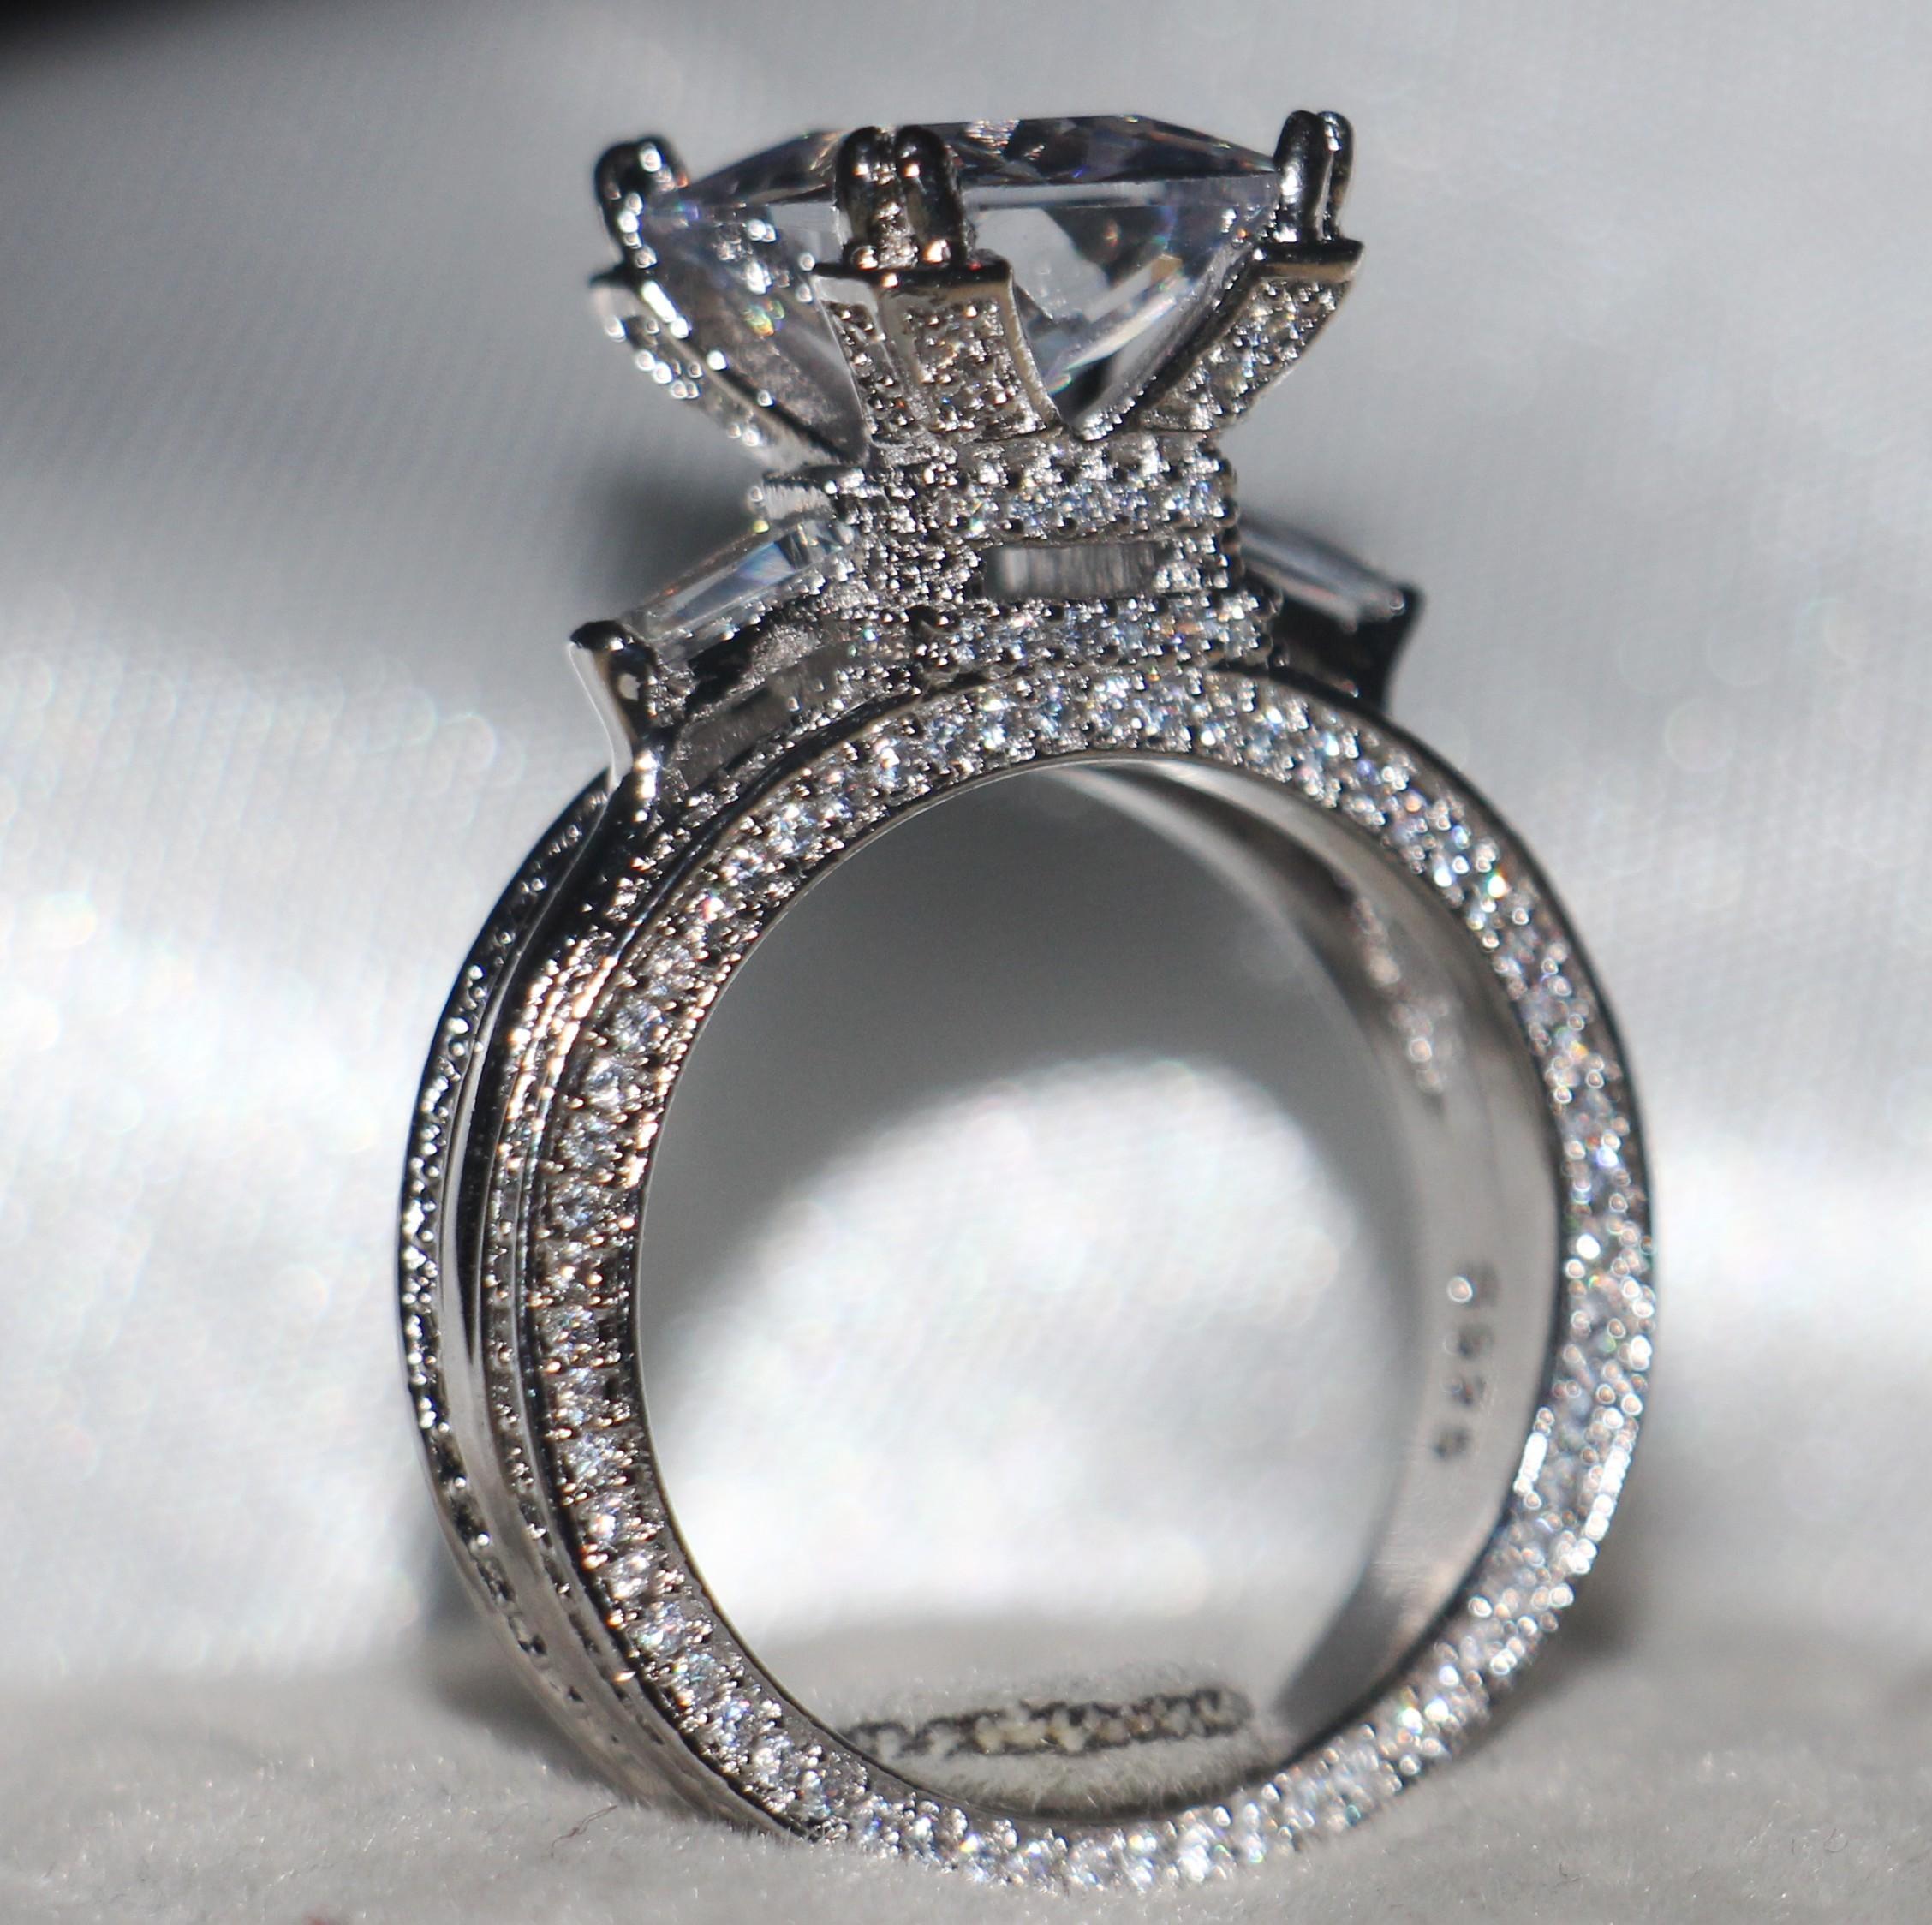 الحجم 5-11 مجوهرات فاخرة 12CT الأبيض توباز الأحجار الكريمة 925 فضة الماس مقلد تمهيد الزفاف الاشتباك برج ايفل هدية خاتم